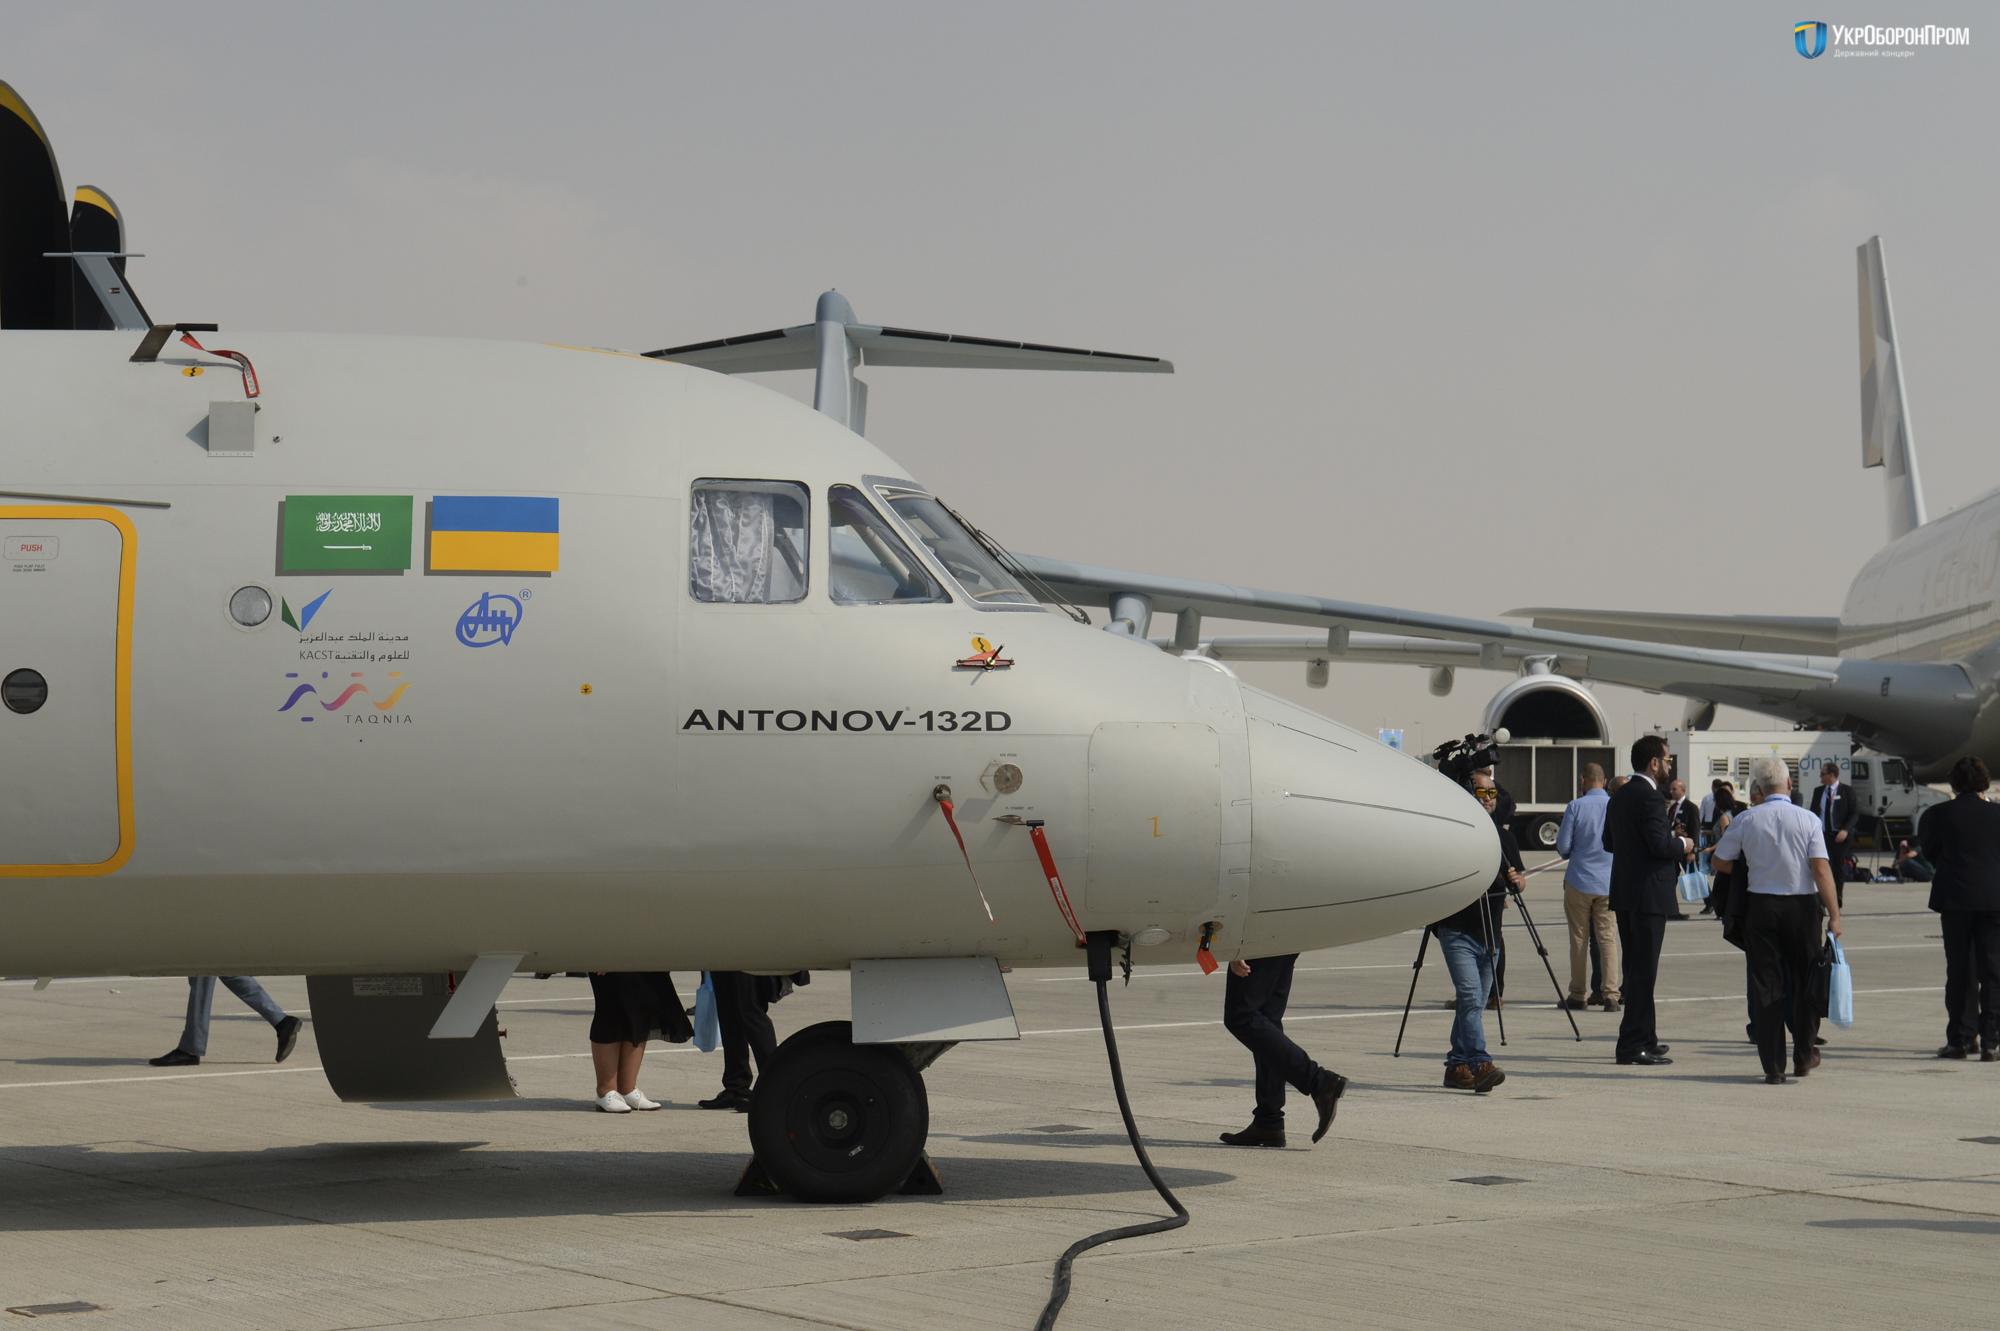 Украина заключила соглашение сОАЭ помодификации самолета Ан-132